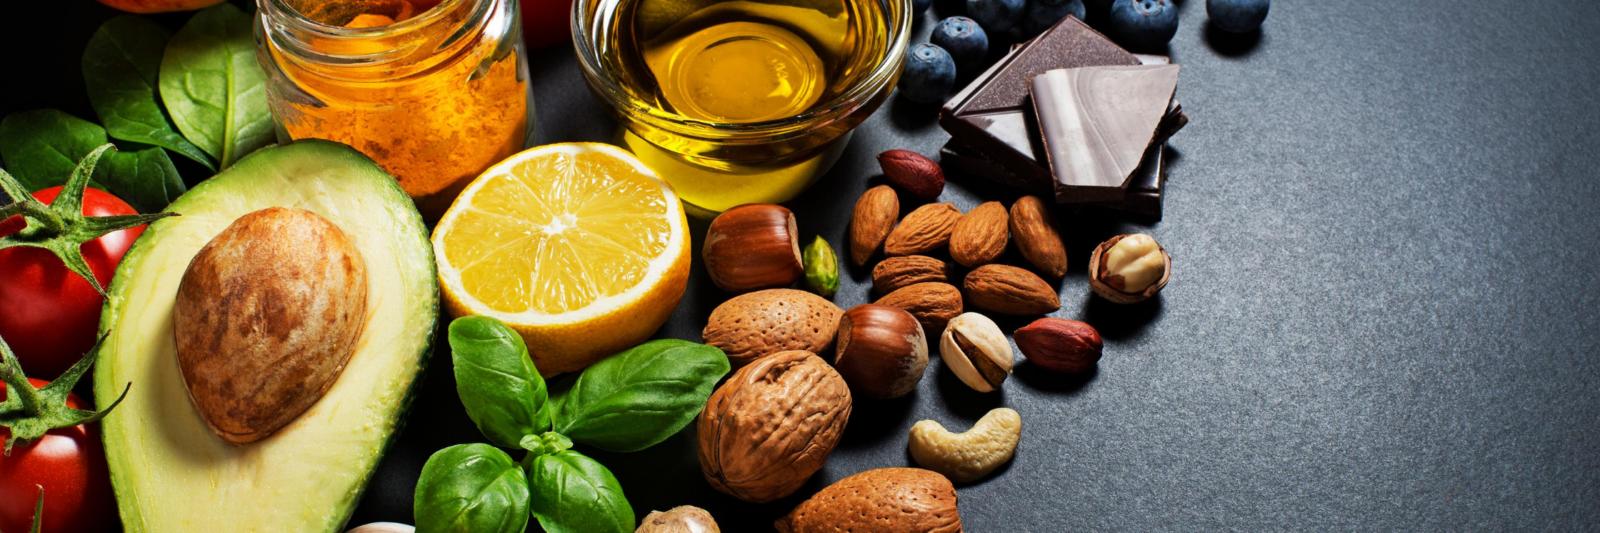 Healthy Eating 101 Webinar